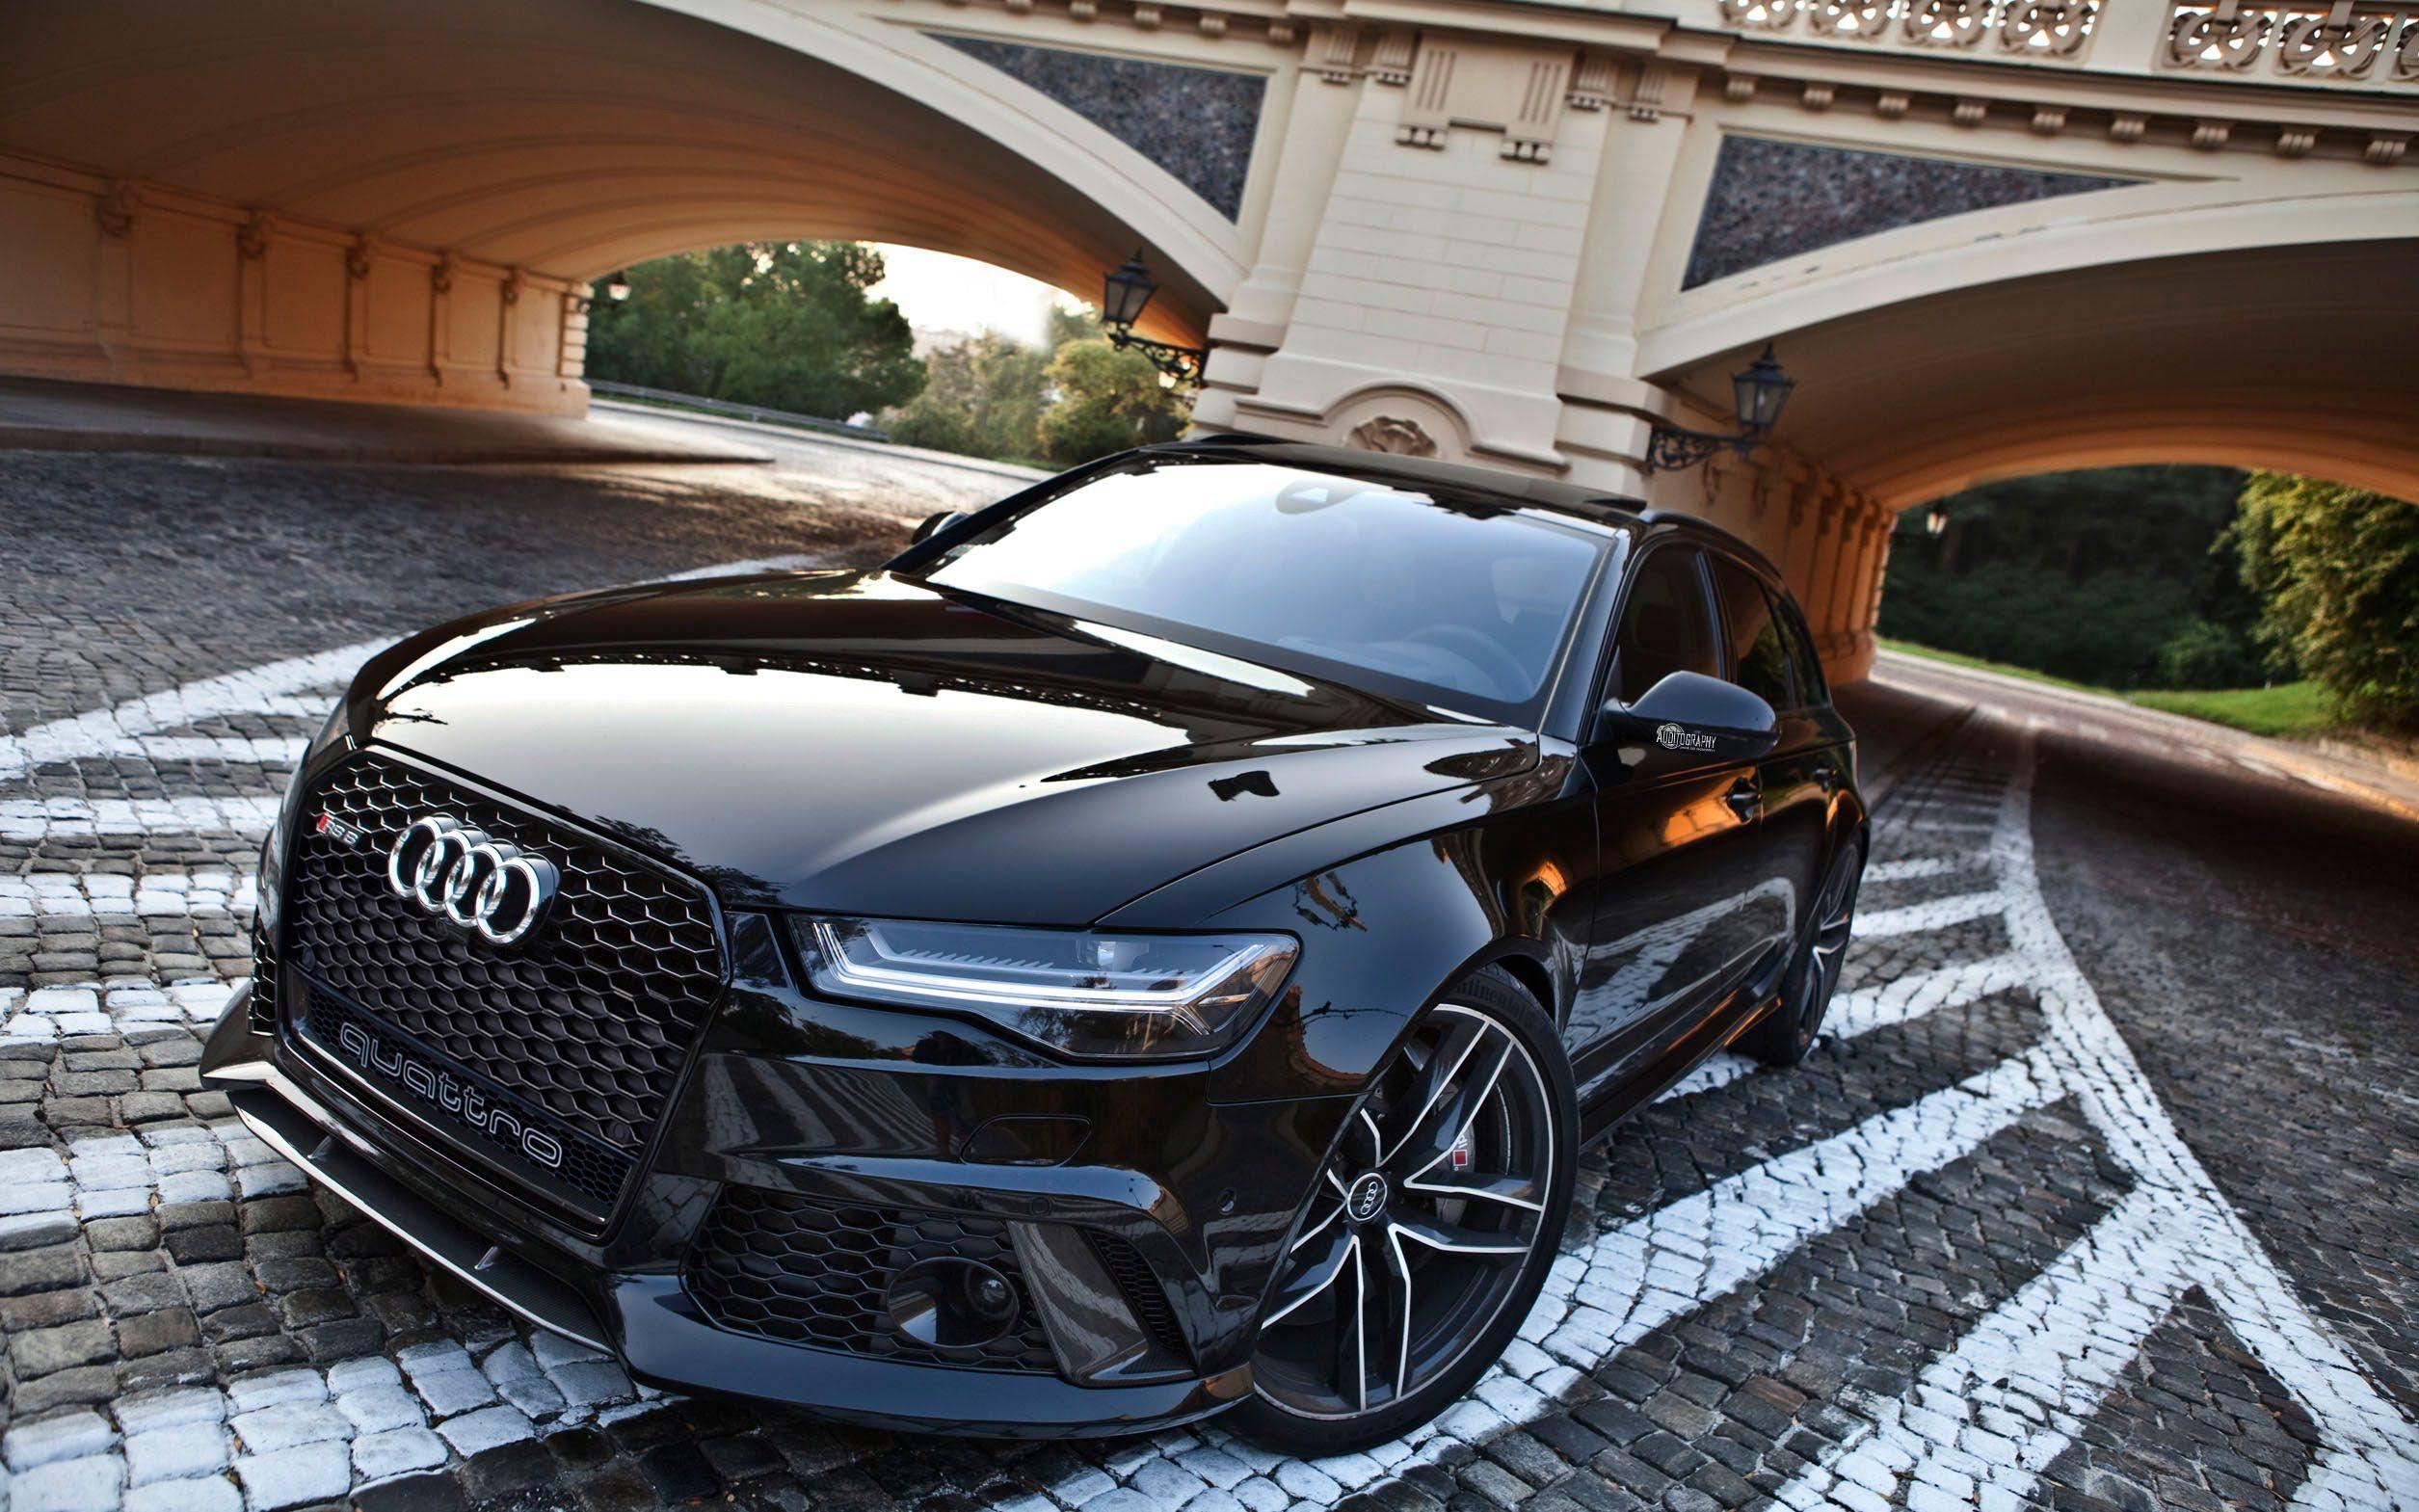 Kelebihan Kekurangan Audi Rs6 2017 Spesifikasi